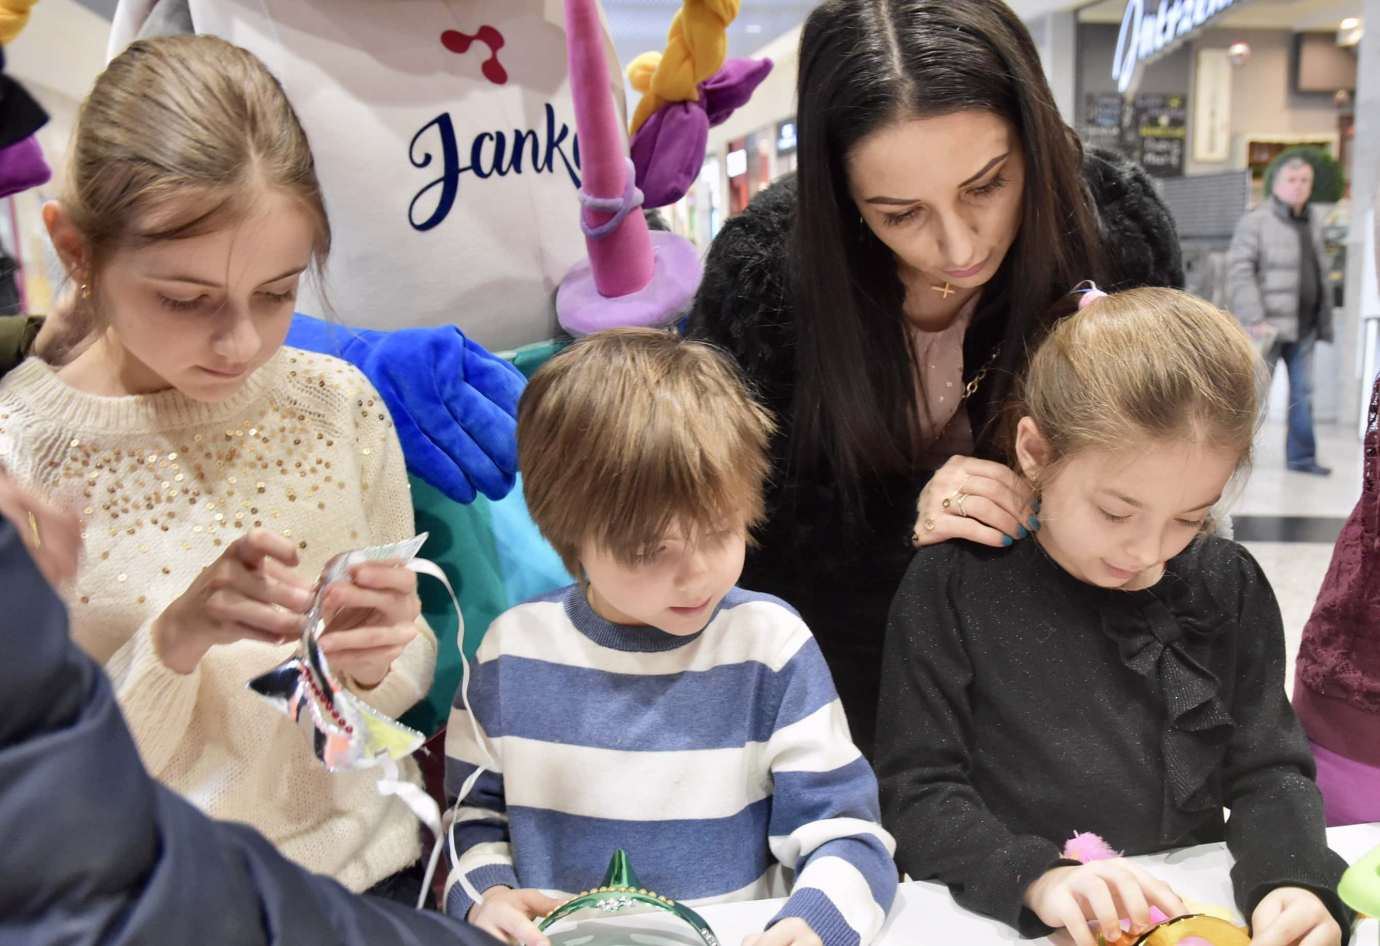 dsc 3928 Zabawa kreatywnych dzieciaków w Galerii Handlowej Twierdza (filmy i zdjęcia)